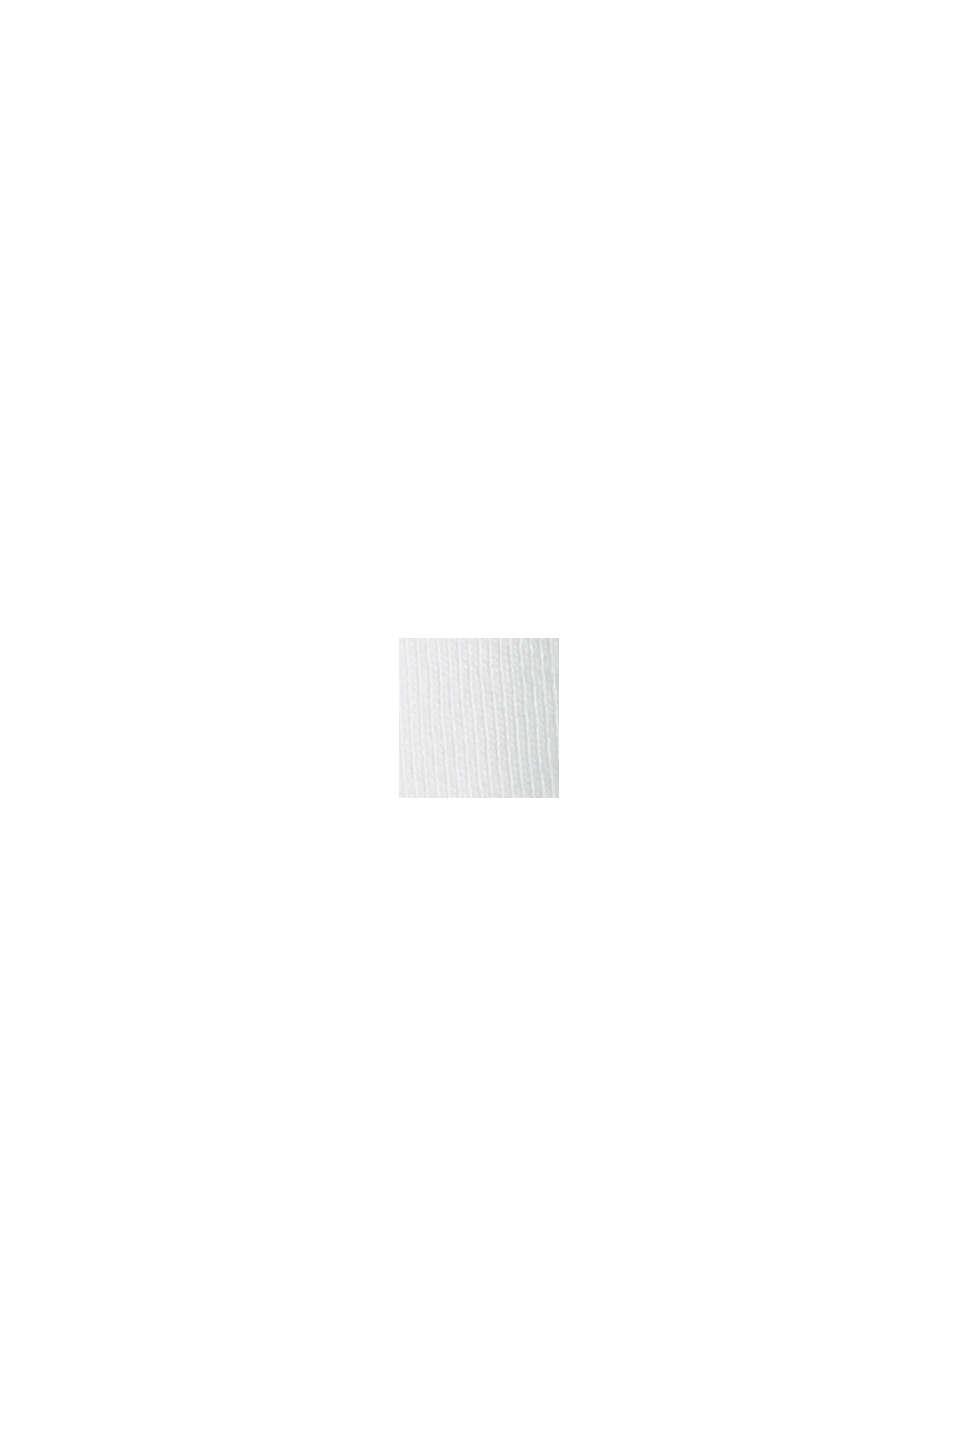 Painettu jersey-T-paita luomupuuvillaa, OFF WHITE, swatch